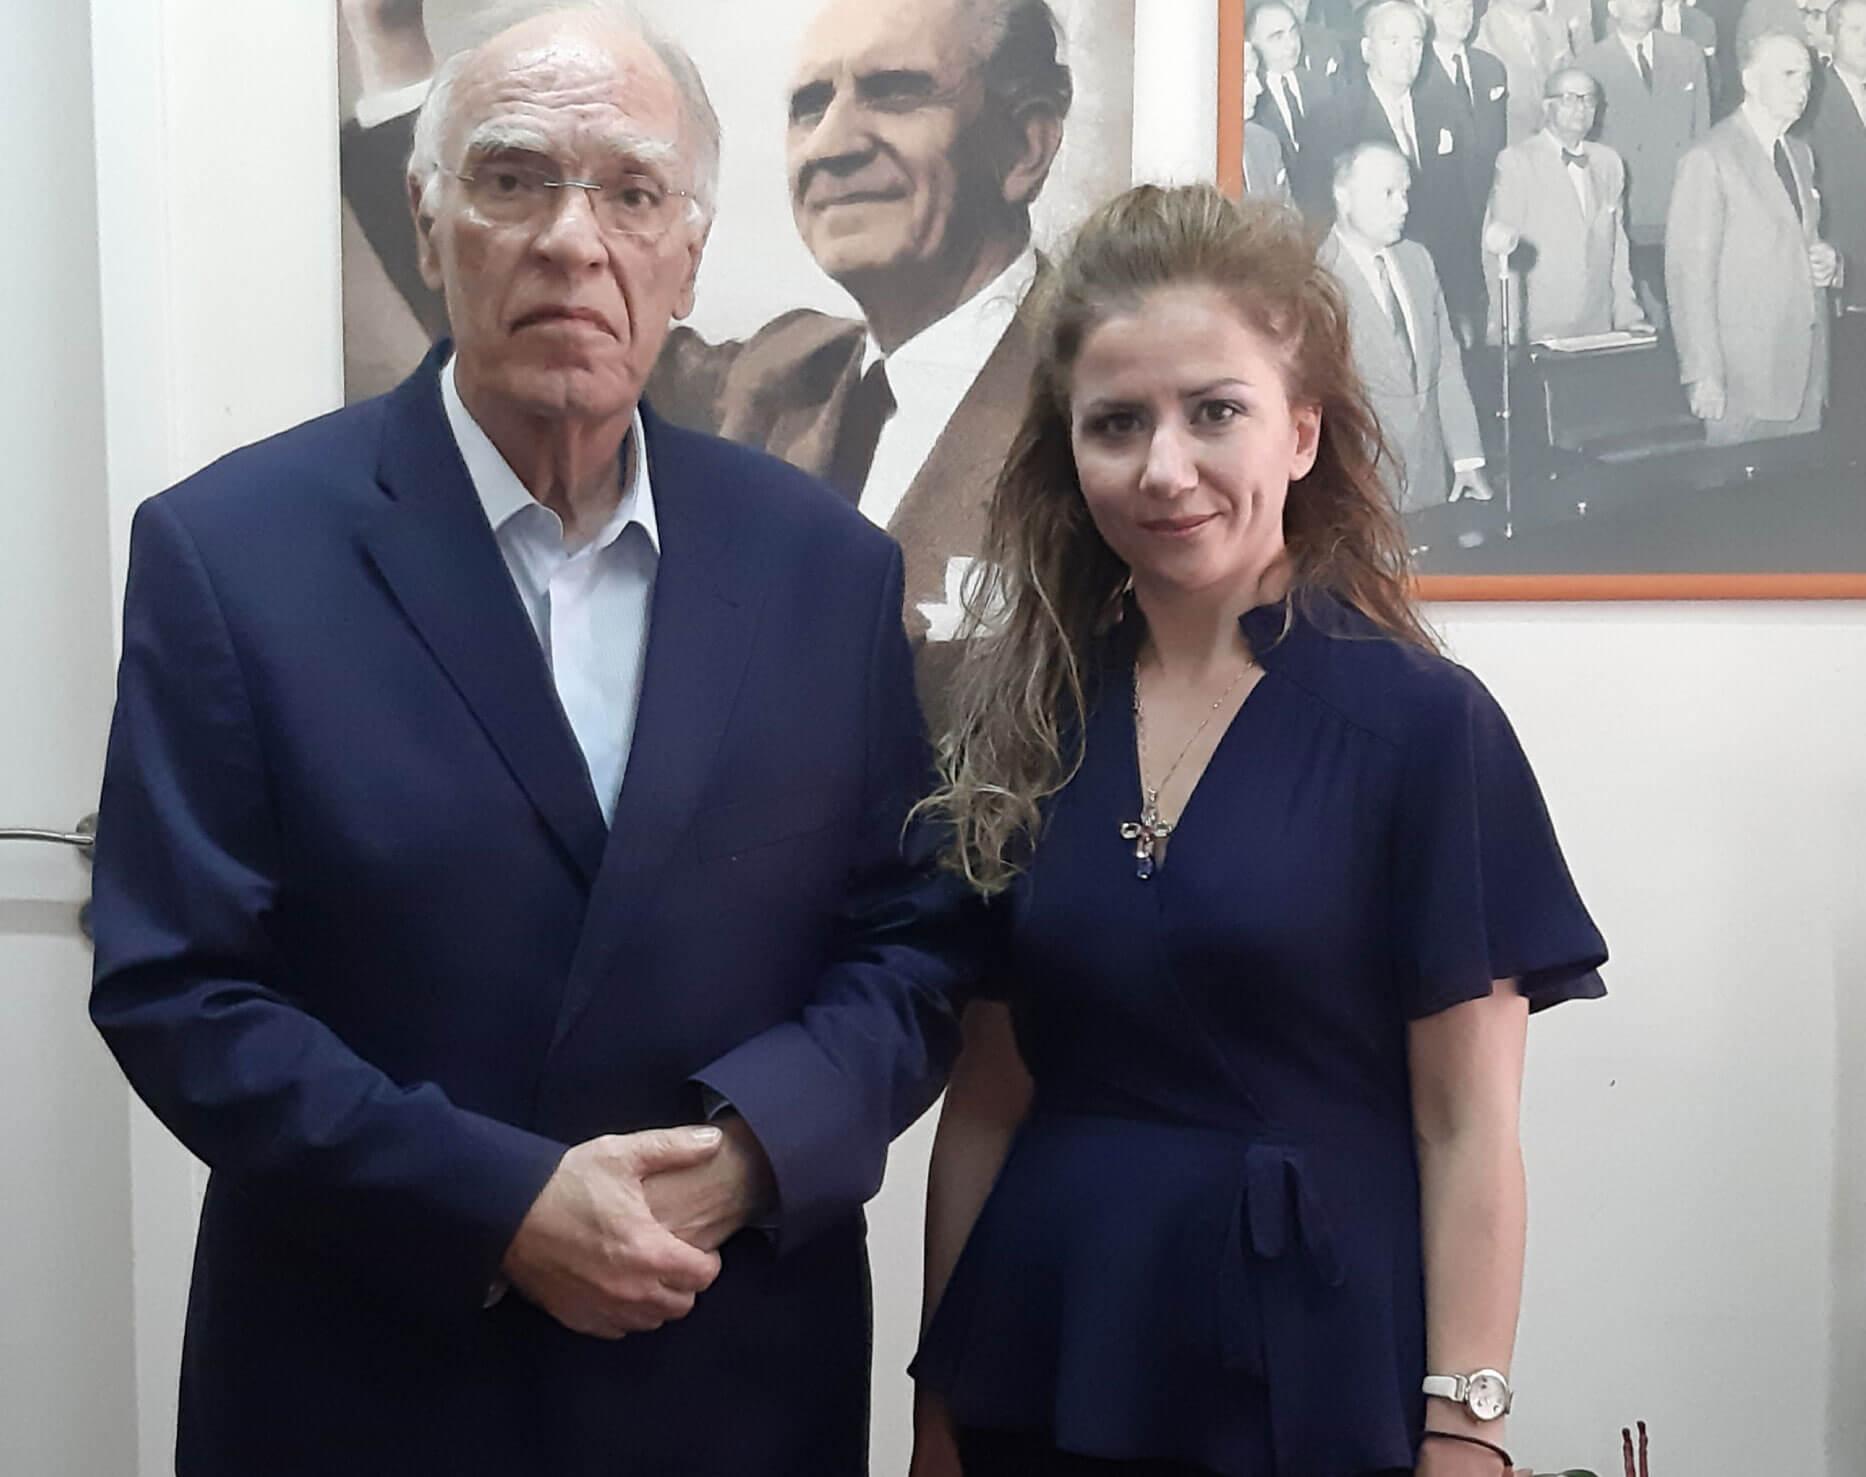 Επικεφαλής στο Επικρατείας της Ένωσης Κεντρώων η αδερφή του Κωνσταντίνου Κατσίφα